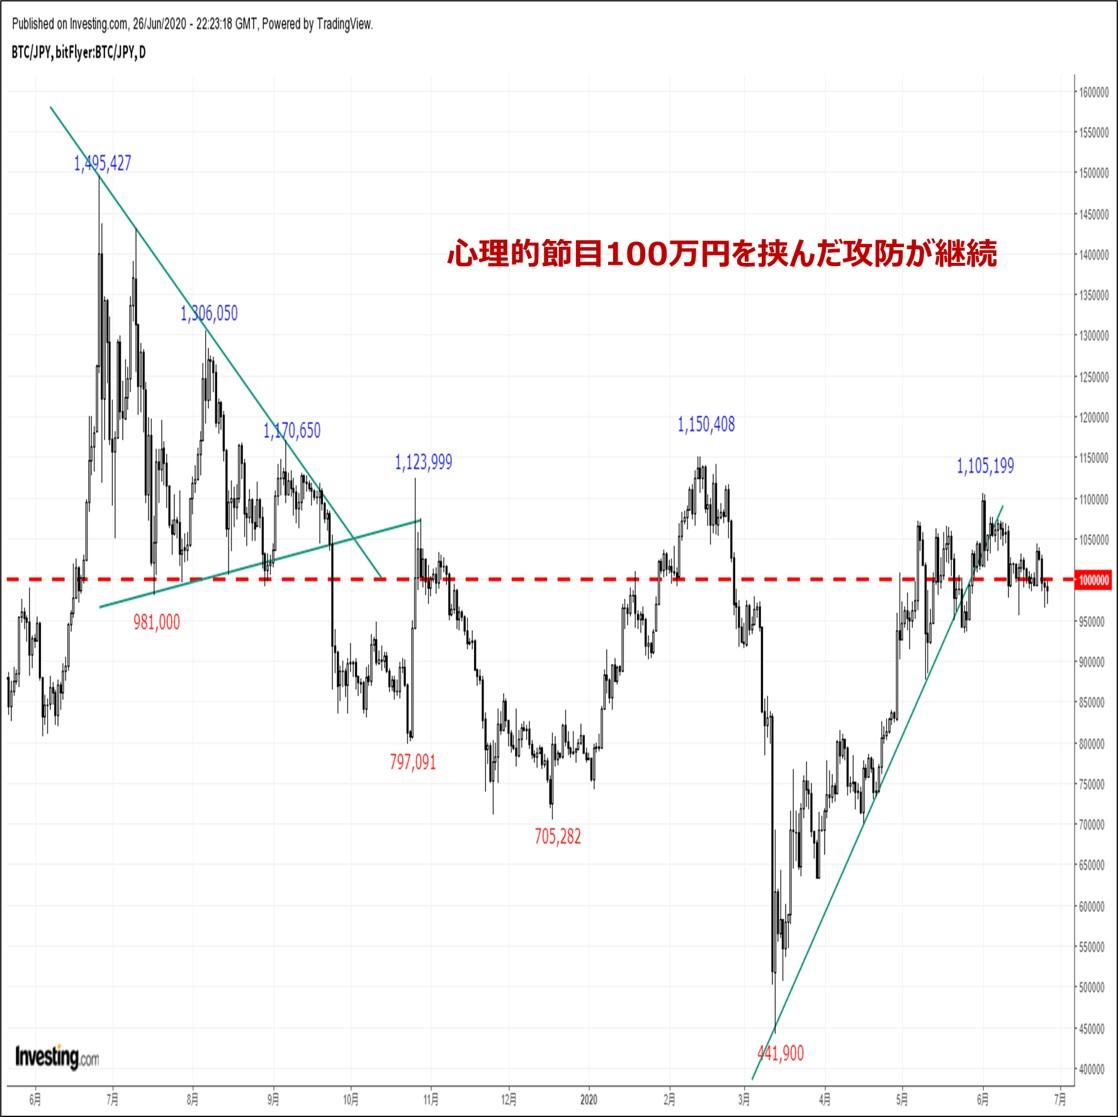 ビットコインの価格分析:『CME先物市場でネットショートポジションは本年3月以来の高水準に』